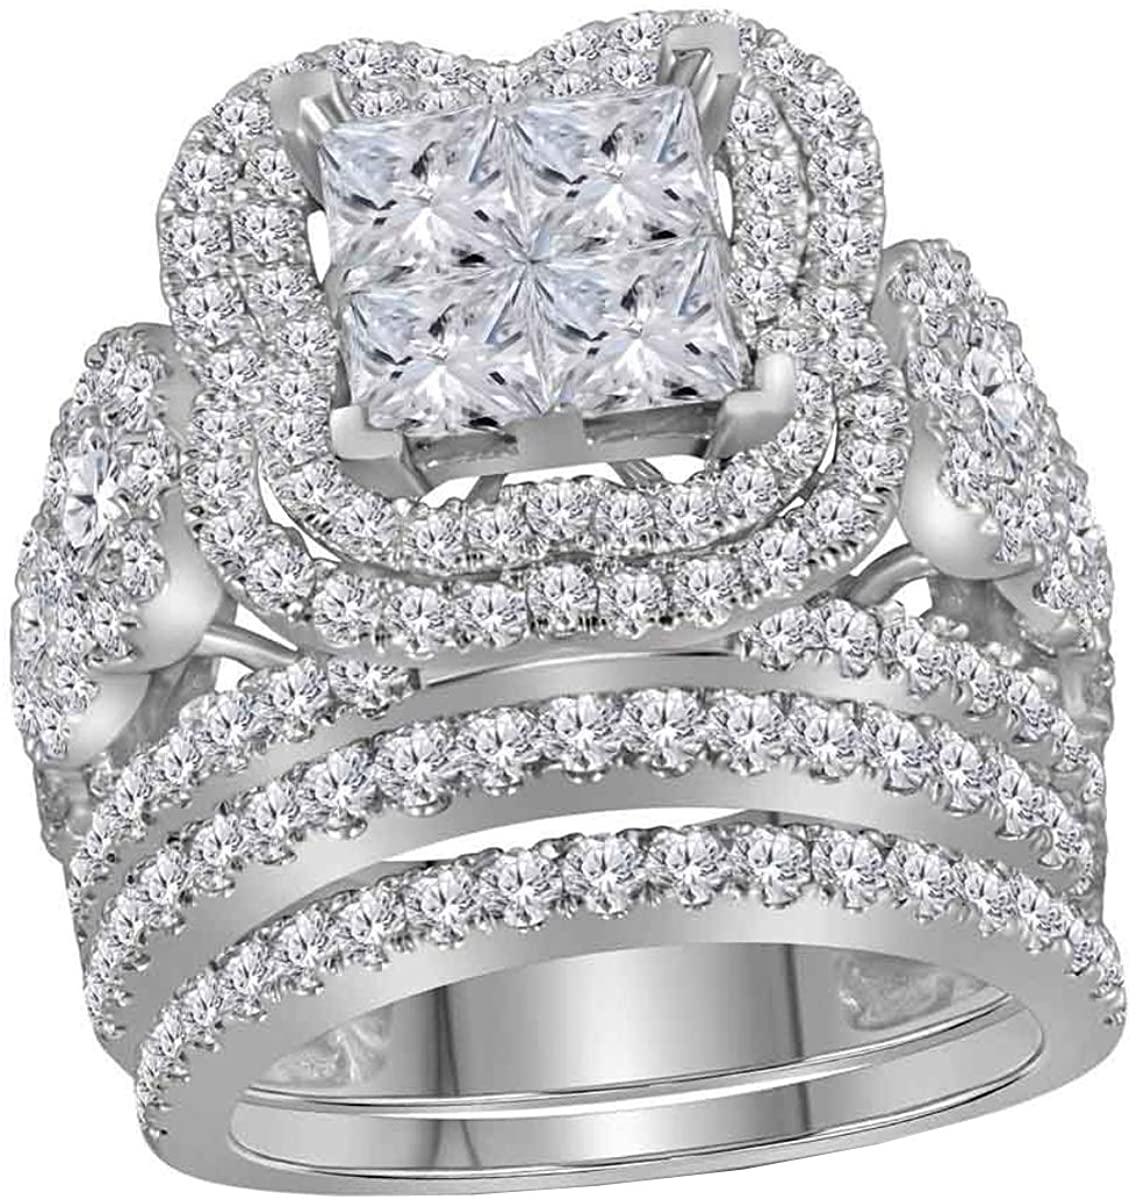 Dazzlingrock Collection 5.02 Carat (ctw) Princess Diamond Bridal Wedding Ring Set 5.00 CT, 14K White Gold